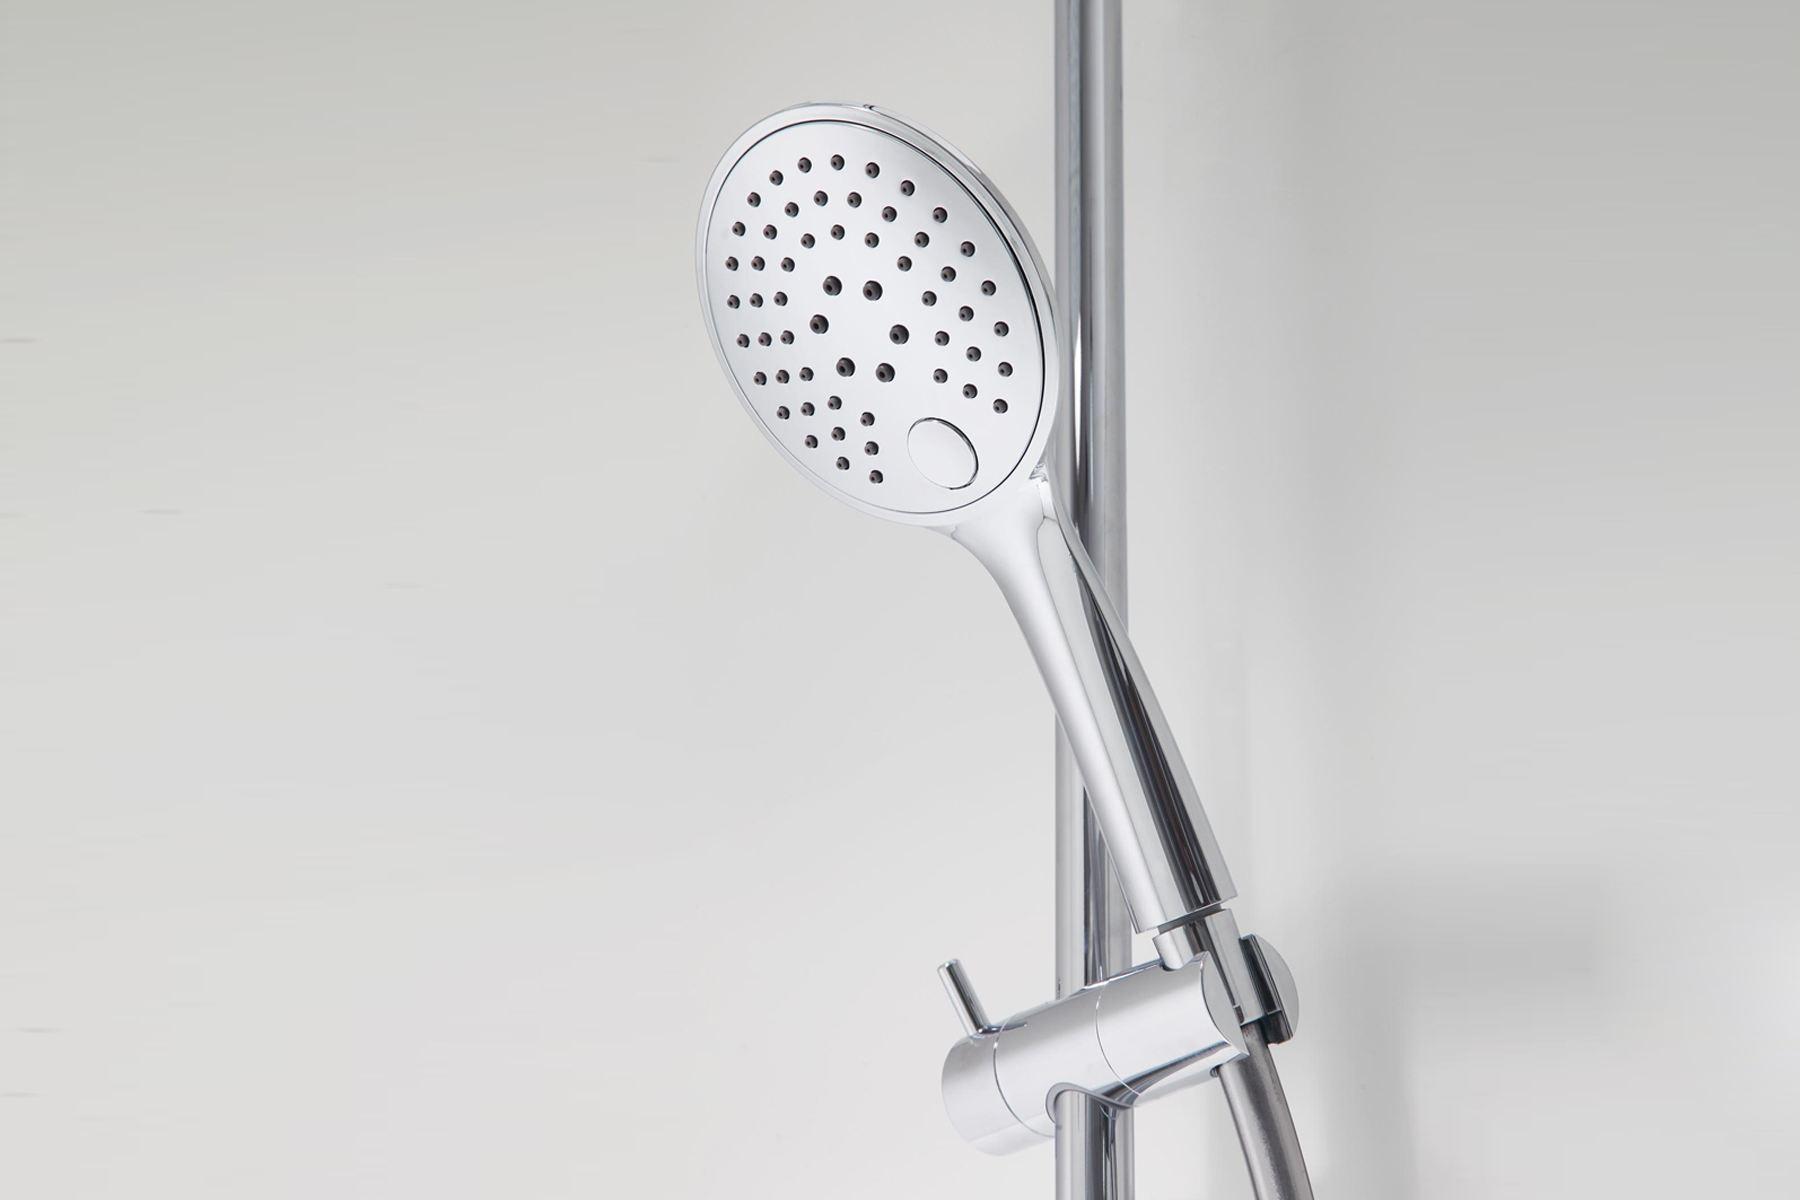 哪里有淋浴花洒-质量好的卫浴花洒尽在兴浪卫浴洁具